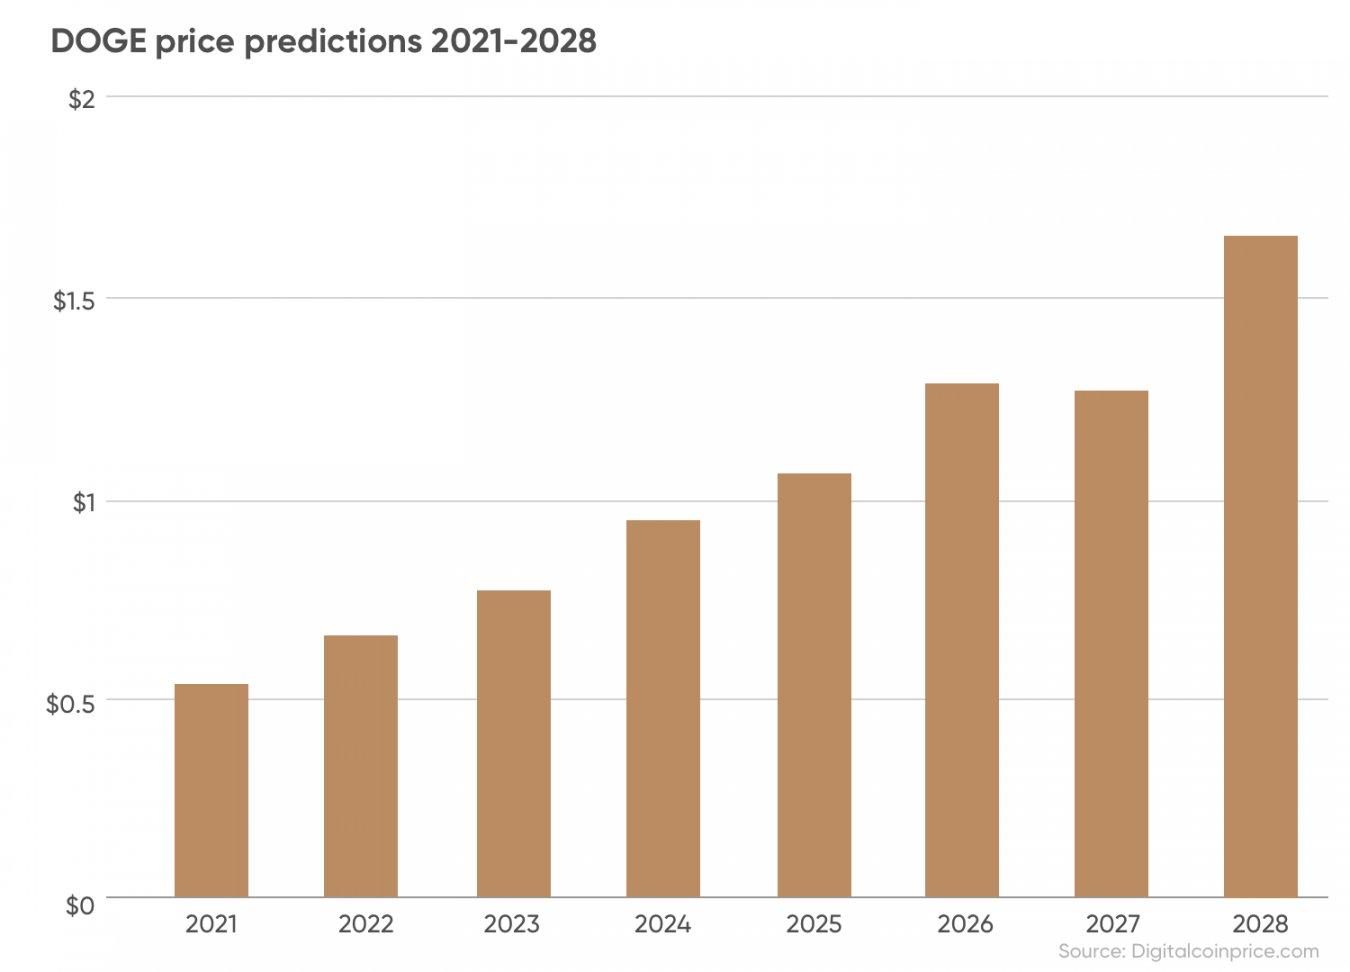 Prognoza ceny DOGE na lata 2021 - 2028